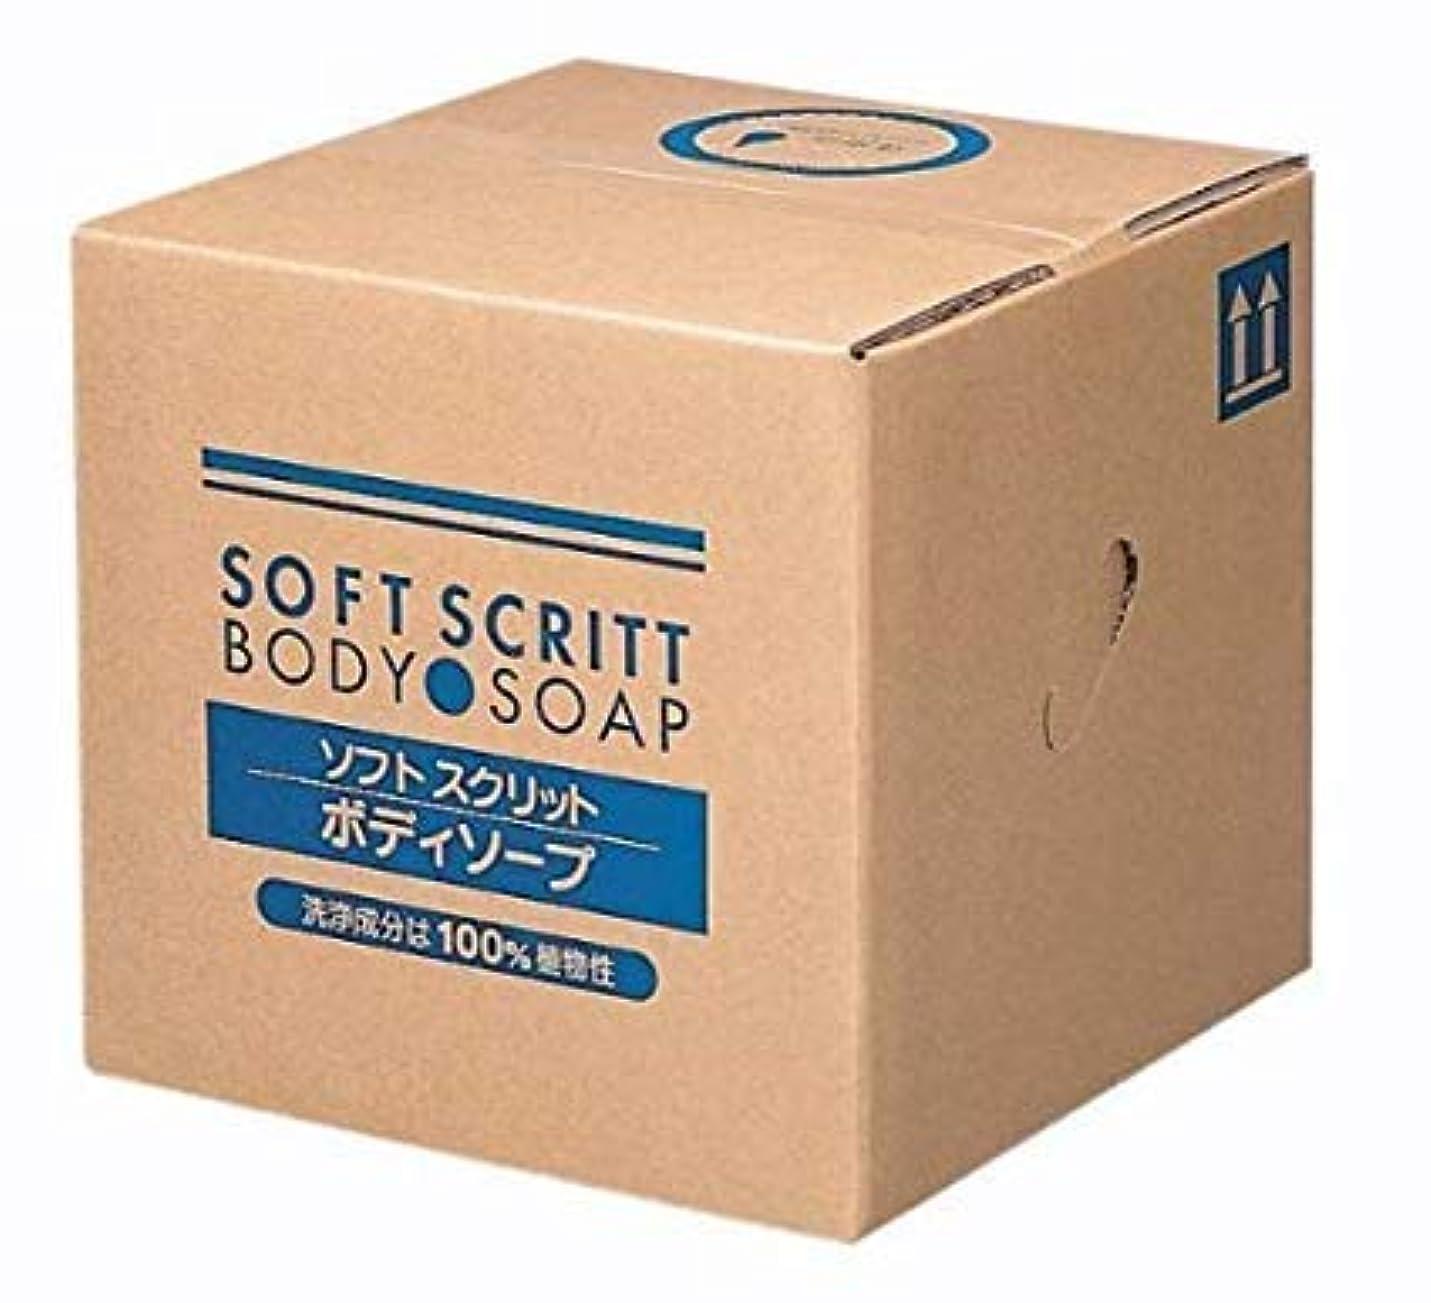 ご近所パトワブルーベル業務用 SOFT SCRITT(ソフト スクリット) ボディソープ 18L 熊野油脂 コック無し